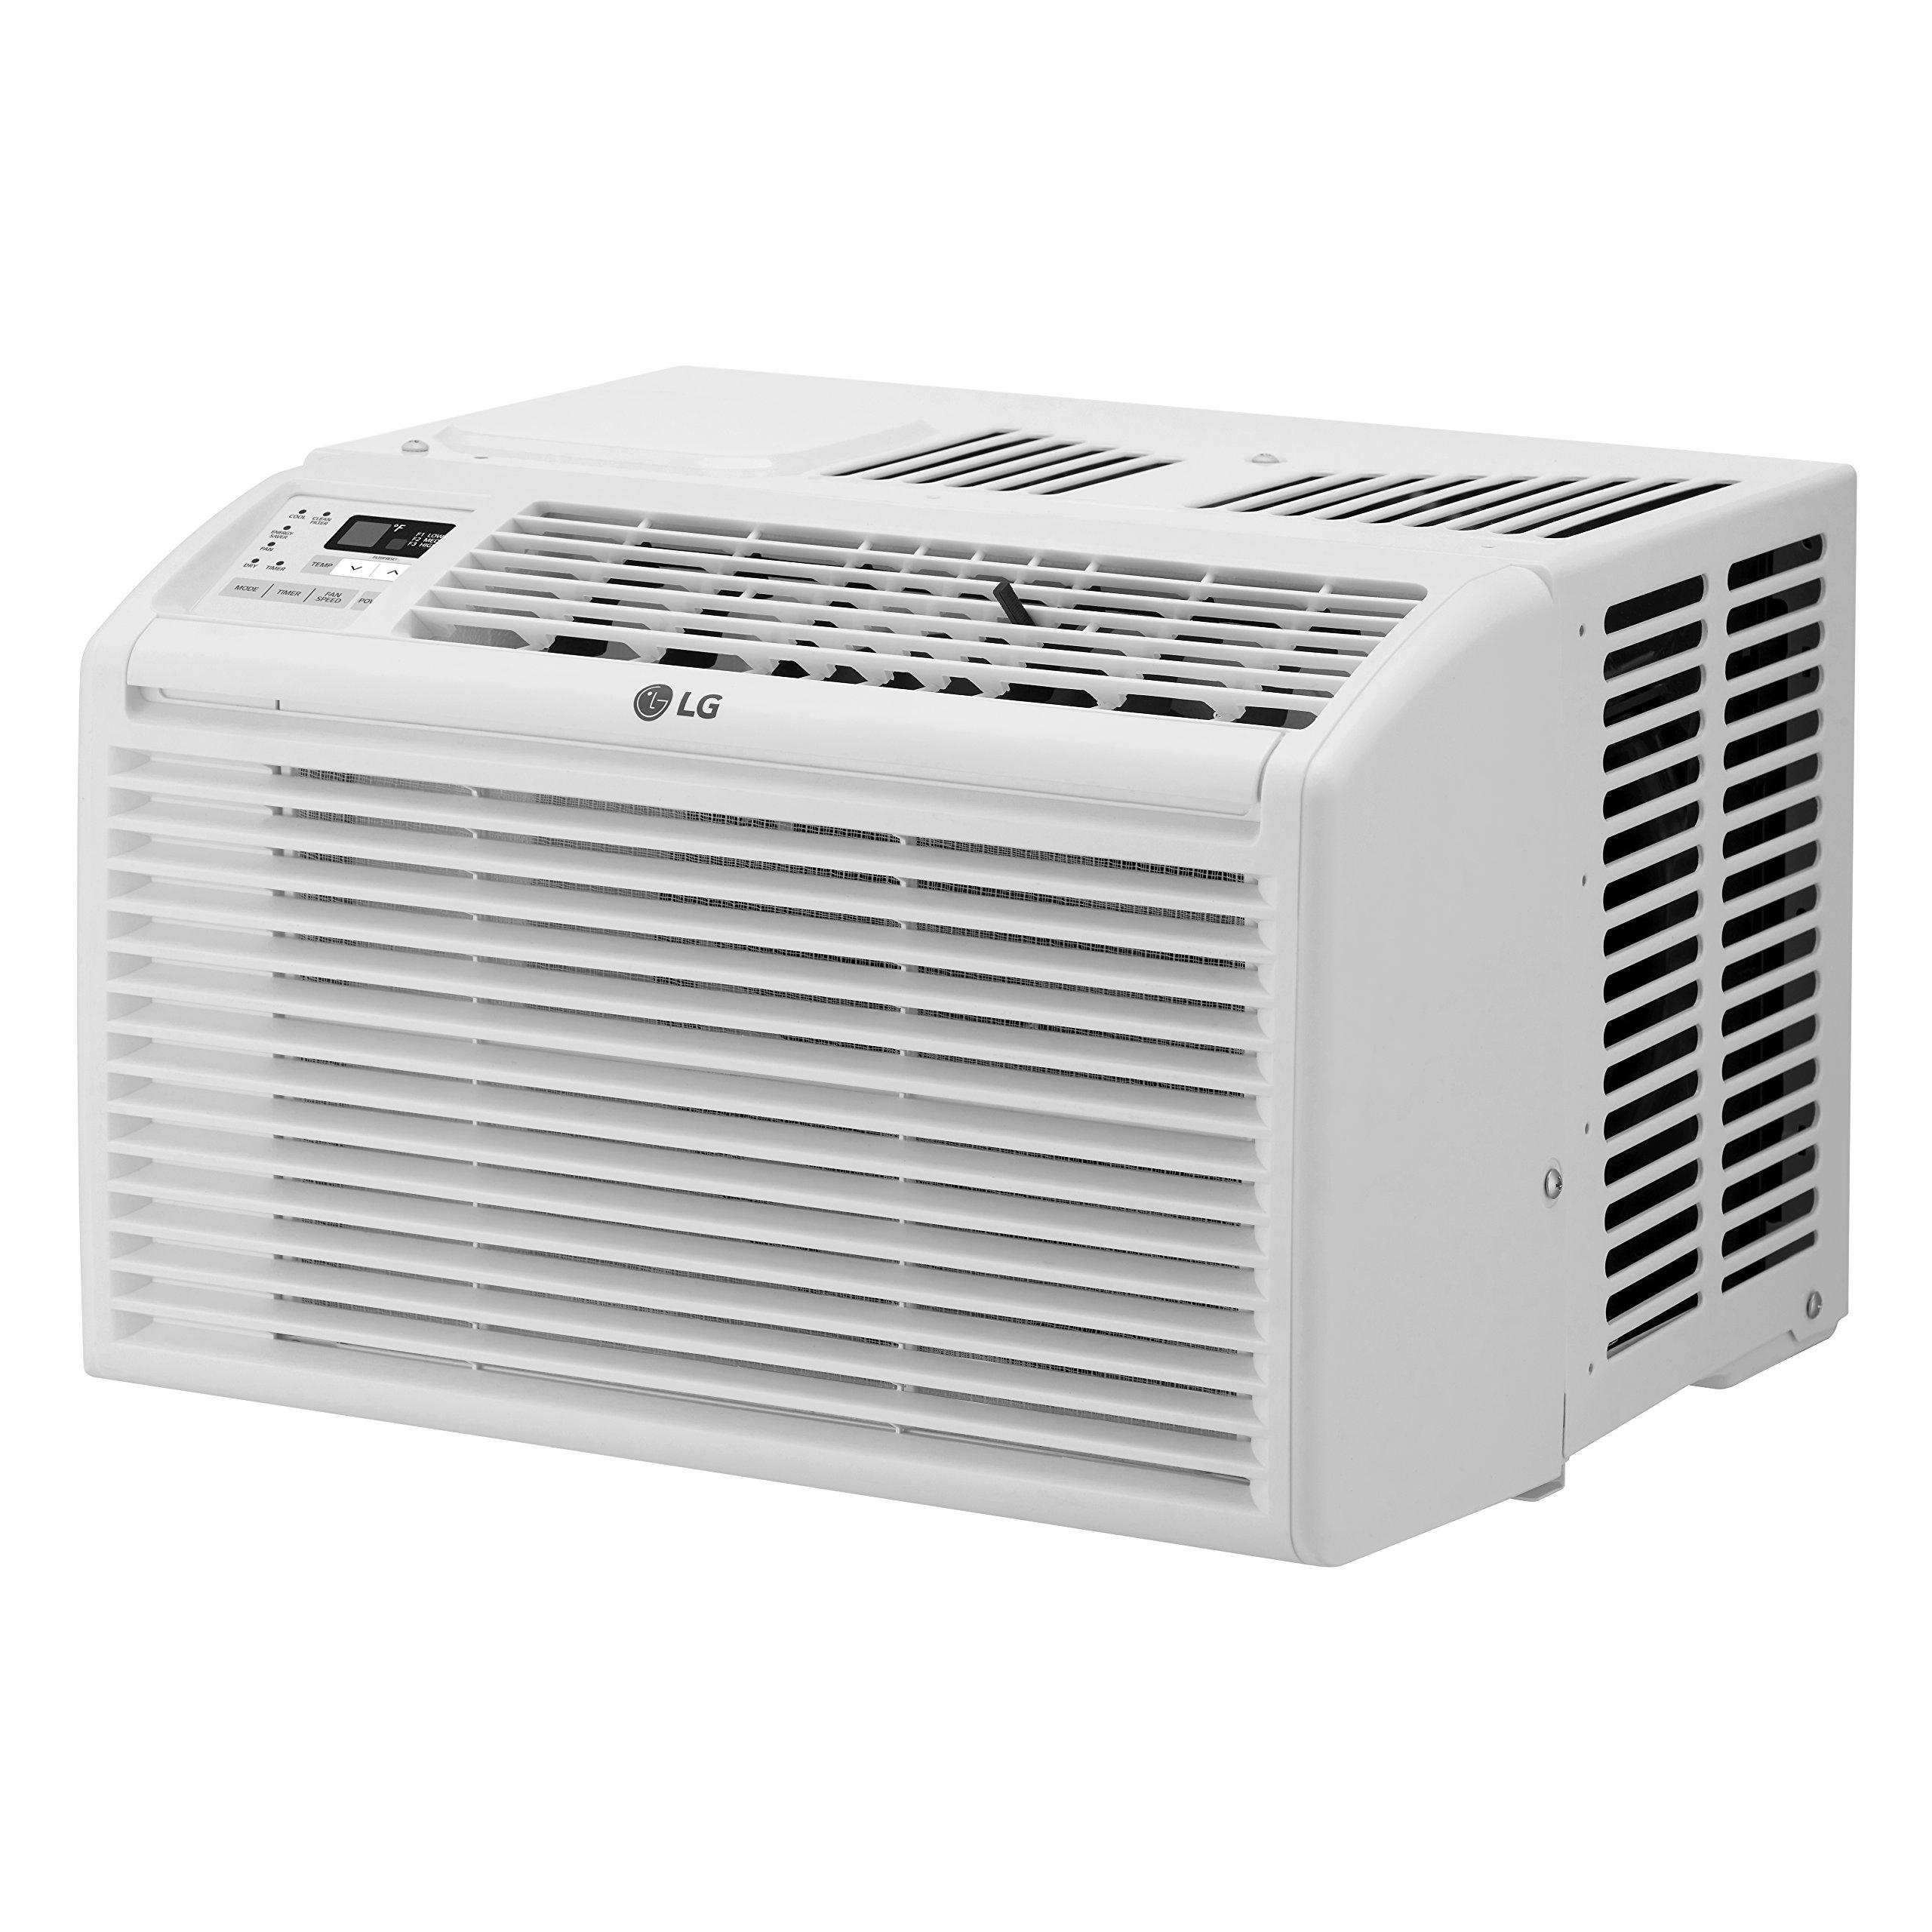 LG LW6017R 6,000 BTU 115V Window Air Conditioner by LG (Image #7)